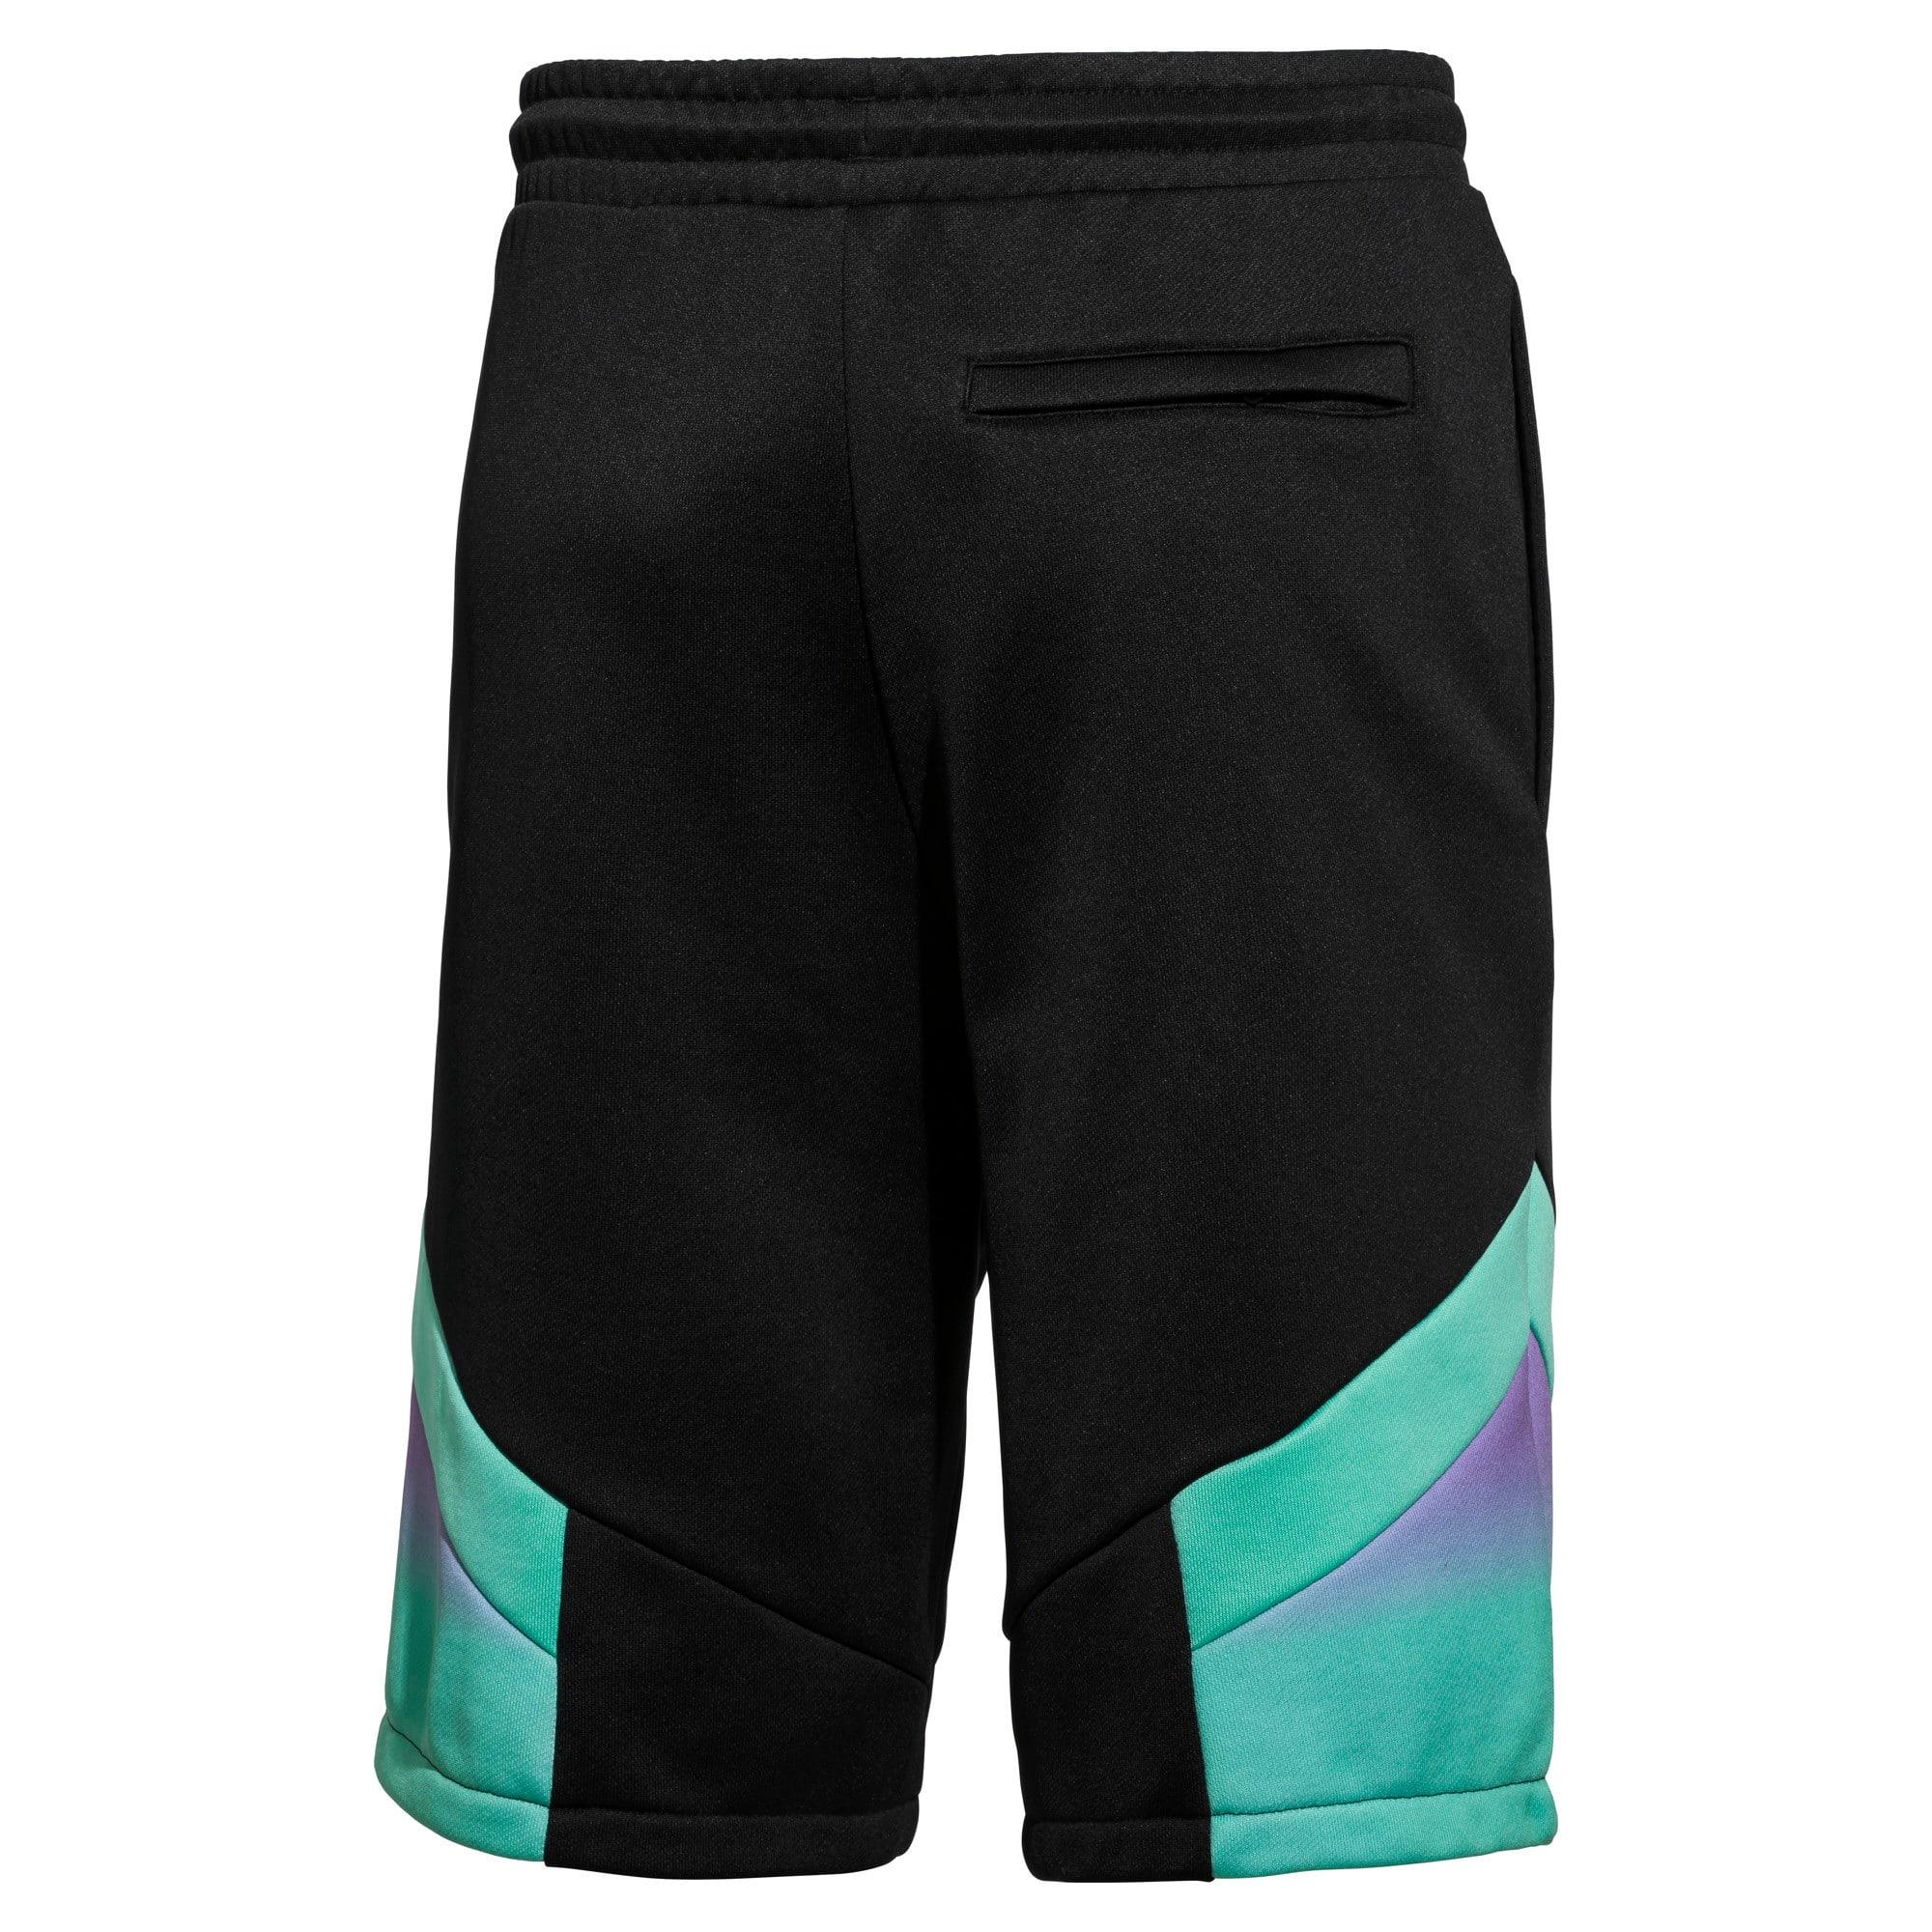 Thumbnail 2 of PUMA x MTV MCS All-Over Printed Men's Shorts, Puma Black-AOP, medium